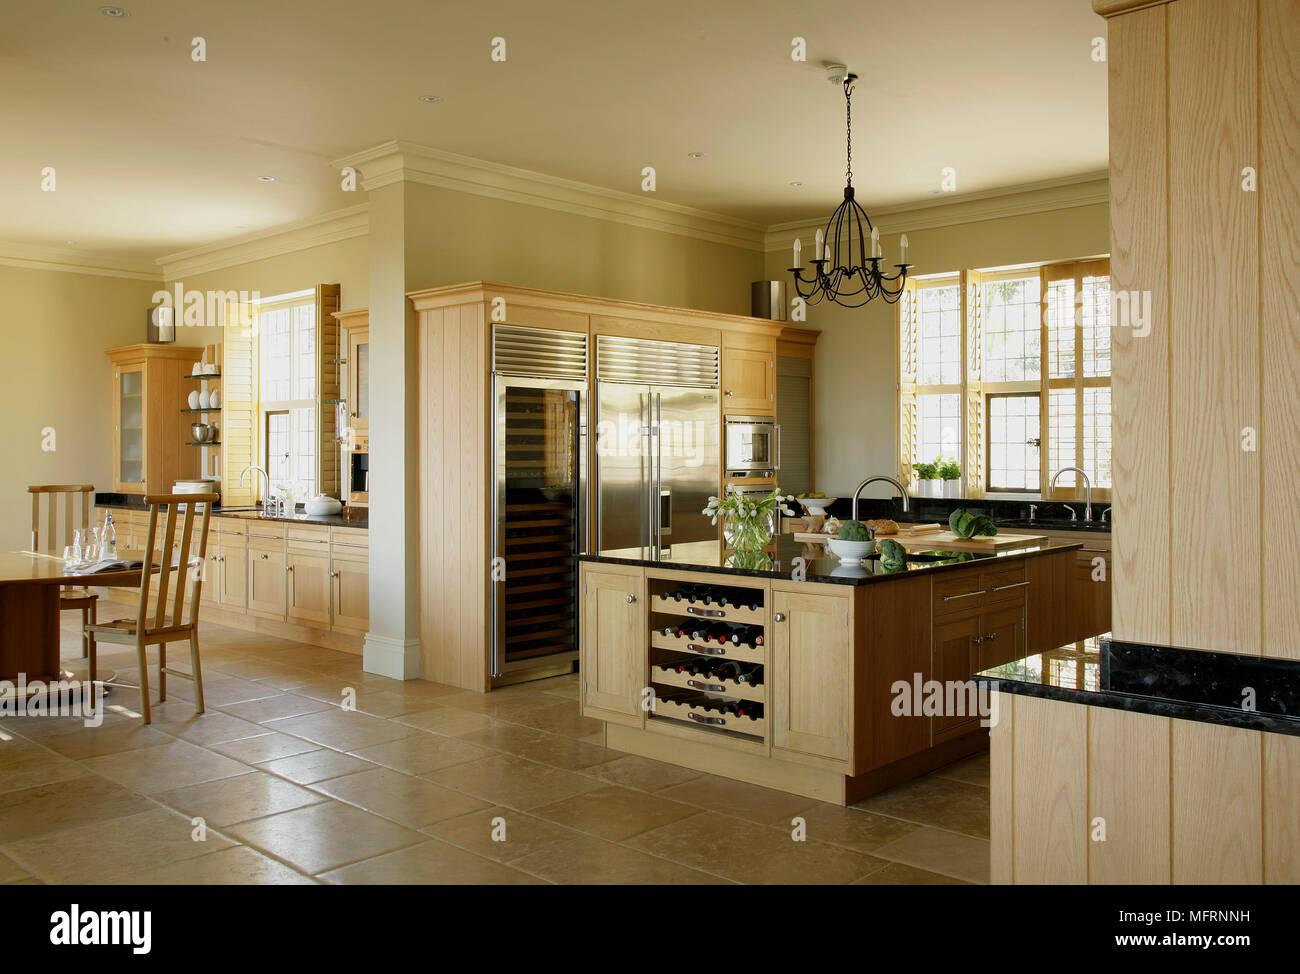 Moderne Küche im Landhausstil mit zentraler Kochinsel und ...